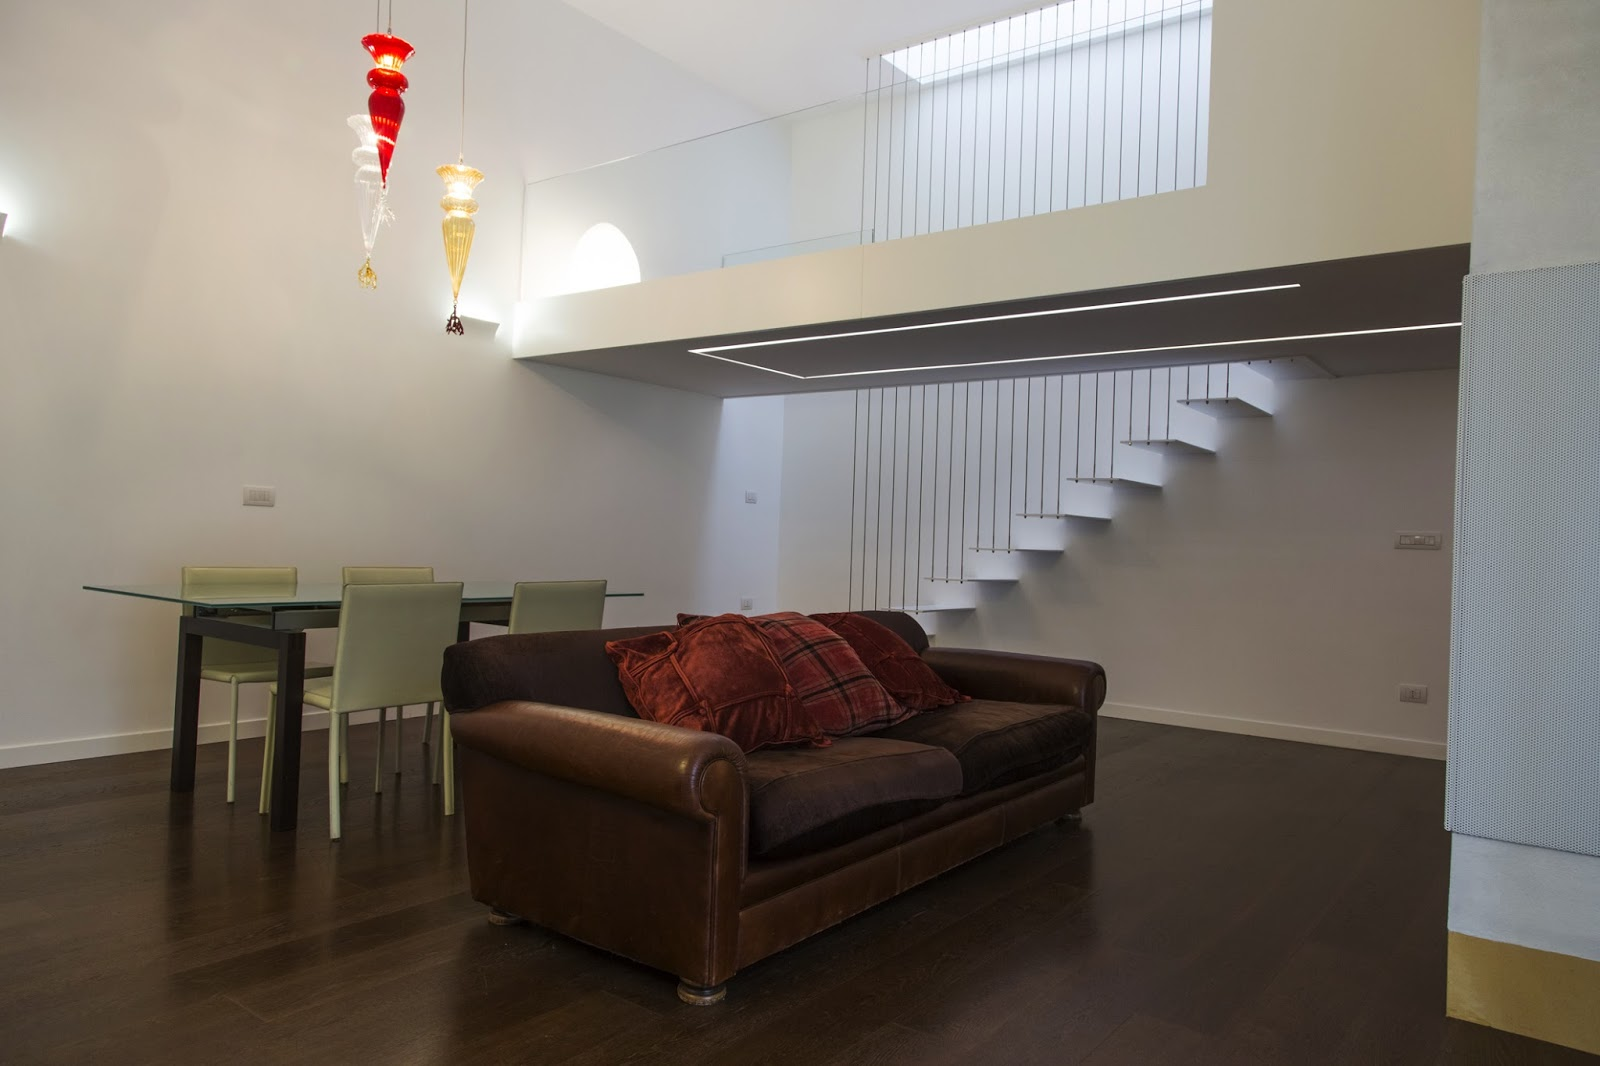 Casa ristrutturata a marigliano by estudio architettura arc art blog by daniele drigo - Casa con giardino napoli ...